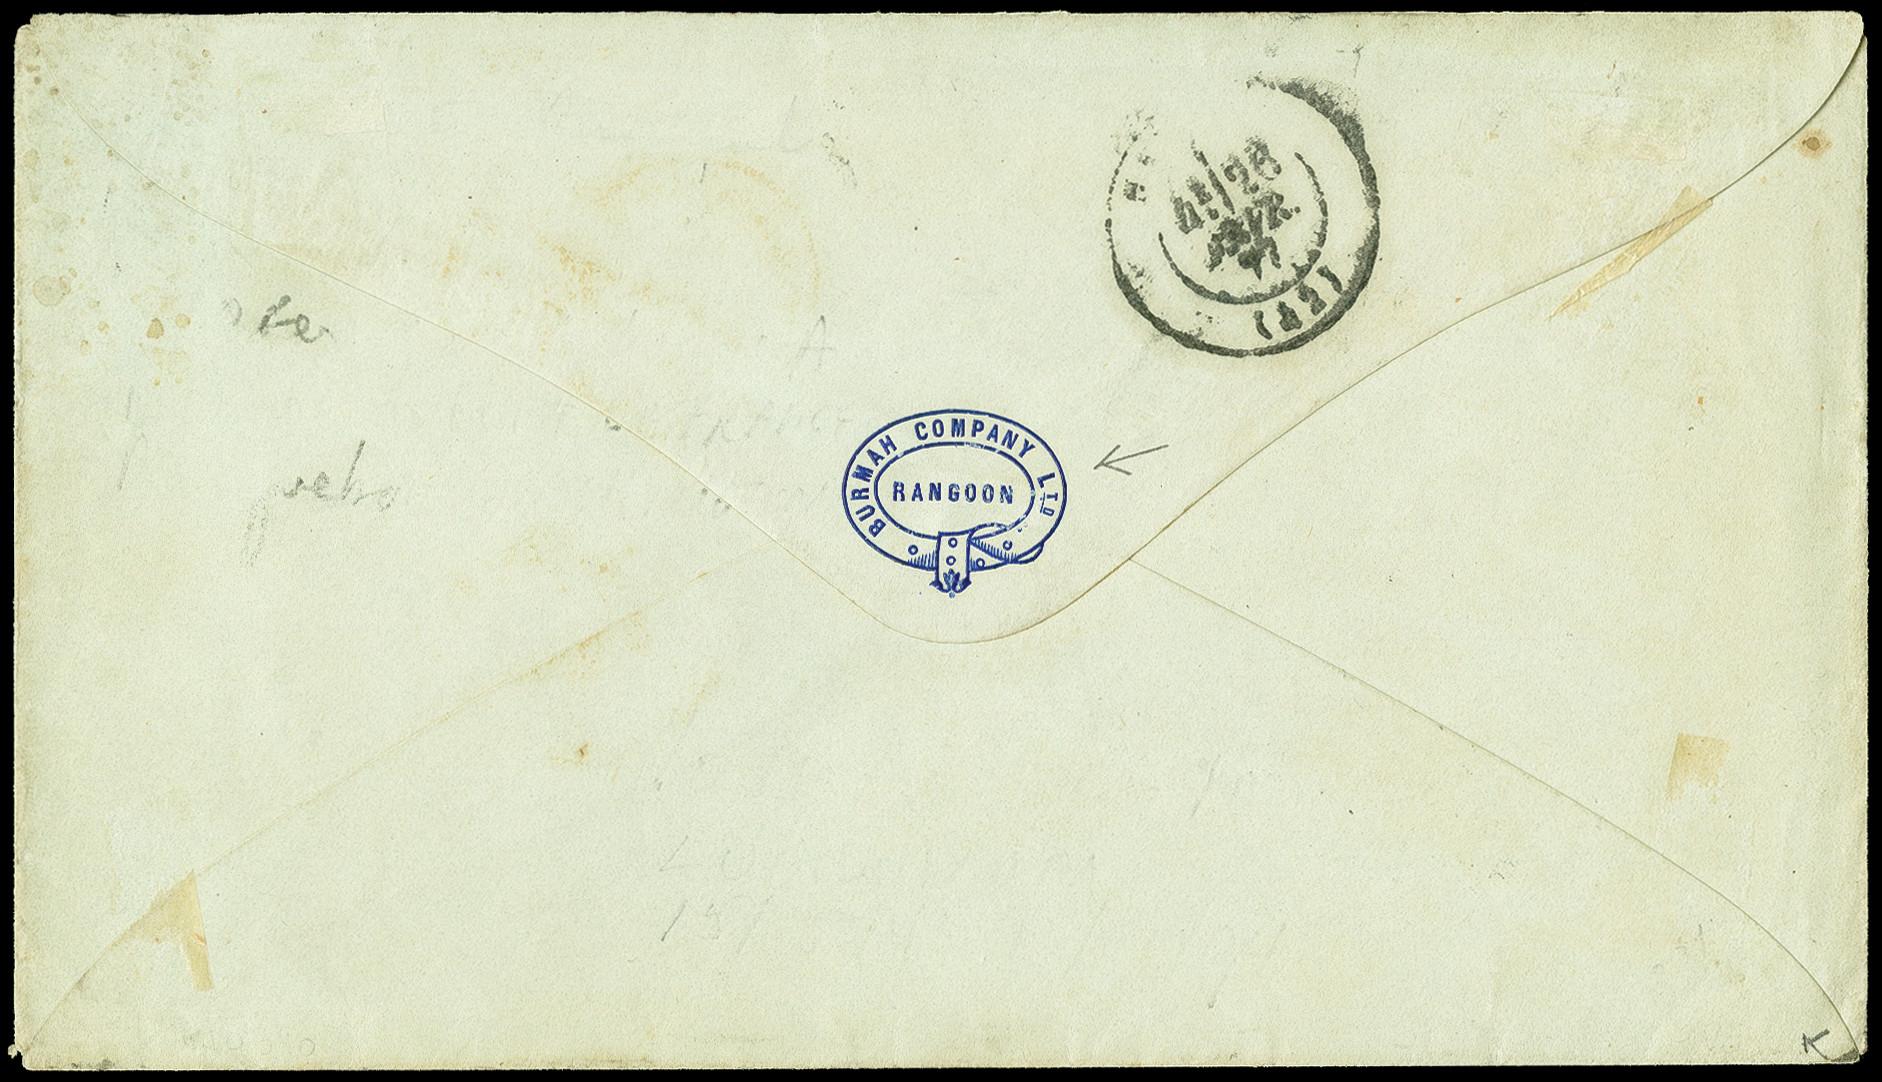 Lot 1340 - französische kolonien French Colonies - General Issues -  Heinrich Koehler Auktionen 375rd Heinrich Köhler auction - Day 1